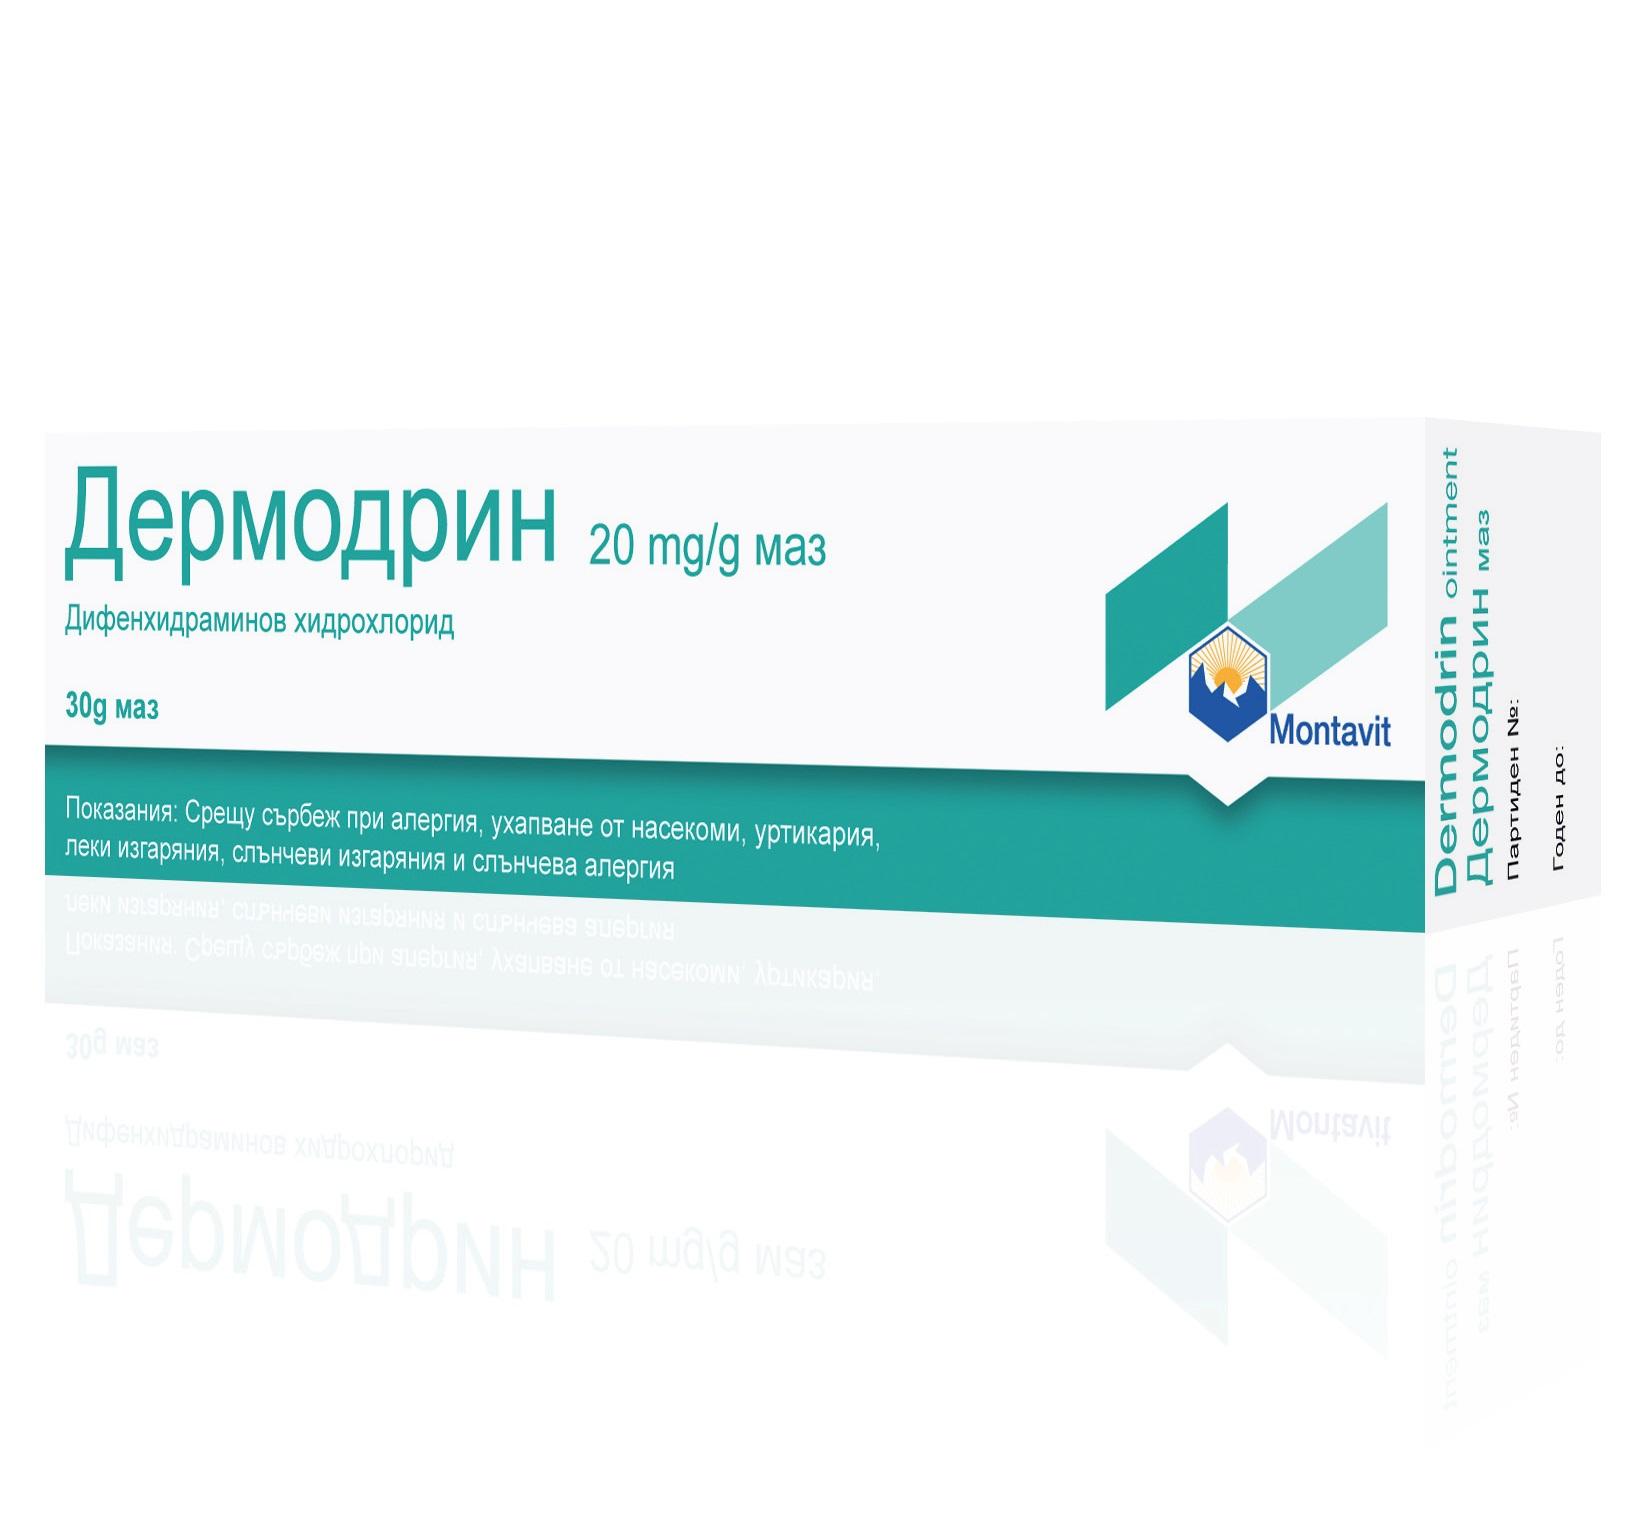 Какво представлява Дермодрин маз и за какво се използва?  ДЕРМОДРИН/ DERMODRIN e противоалергичен продукт под формата на маз на фармацевтичната компания Монтавит, който се използва за лечение на сърбеж, локални болки и реакции на свръхчувствителност на кожата при - сърбящи обриви на кожата след излагане на слънчева светлина (слънчева алергия), дерматити, уртикария, сърбеж, екземи, сърбящи ръбове на рани и лющене, ухапвания от насекоми,  леки изгаряния и слънчево изгаряне. Дермодрин маз като емулсия действа приятно охлаждащо, като с това облекчава допълнително болката. Предизвиква намаление на алергичните отоци на кожата или ги предотвратява. Дермодрин маз е предназначен  за външно приложение.  Кремообразната форма, без мирис и недразнеща, се втрива и разпределя лесно върху кожата. Ефектът се получава скоро след нанасянето и продължава 2-6 часа.   Свръхчувствителност към дифенхидрамин-хидрохлорид, към други антихистаминови средства или към някоя от помощните съставки на лекарствения продукт. Дермодрин маз не трябва да се прилага при новородени и деца под 2 години. Дермодрин маз не трябва да се нанася върху отворени рани или лигавици, освен това не трябва да се използва при кожни изменения с голяма повърхност, при възпалена и наранена кожа, особено при пациенти с варицела, морбили и мехури по кожата.  Дермодрин маз не трябва да се използва в първия триместър на бременността. По време на останалия период от бременността употребата върху големи повърхности трябва да се избягва, особено върху възпалена и наранена кожа.  Дермодрин маз не трябва да се употребява по време на кърмене, тъй като активното вещество (дифенхидрамин) преминава в кърмата.  Дифенхидрамин хидрохлорид, активното вещество на Дермодрин, е изпитано антихистаминово и антиалергично средство против сърбеж и за локално облекчаване на болката при алергии и кожни заболявания. Той е подходящ и за употреба при ухапвания от насекоми, леки изгаряния и слънчева алергия, както и при кожни реакции на свръхчувствителн